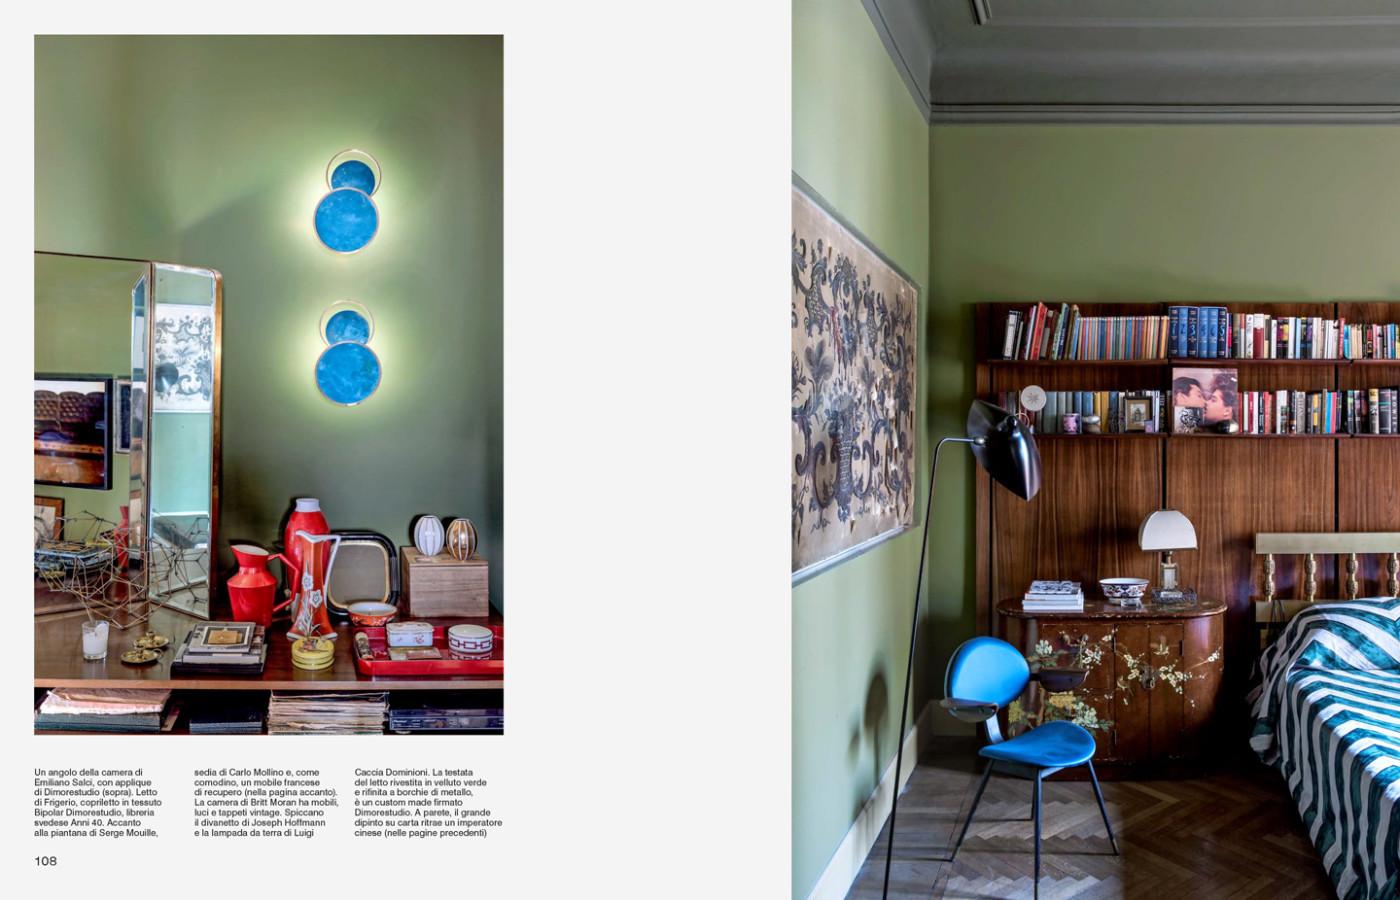 Lampada Da Studio Design living collection, nov 2018 - dimorestudio